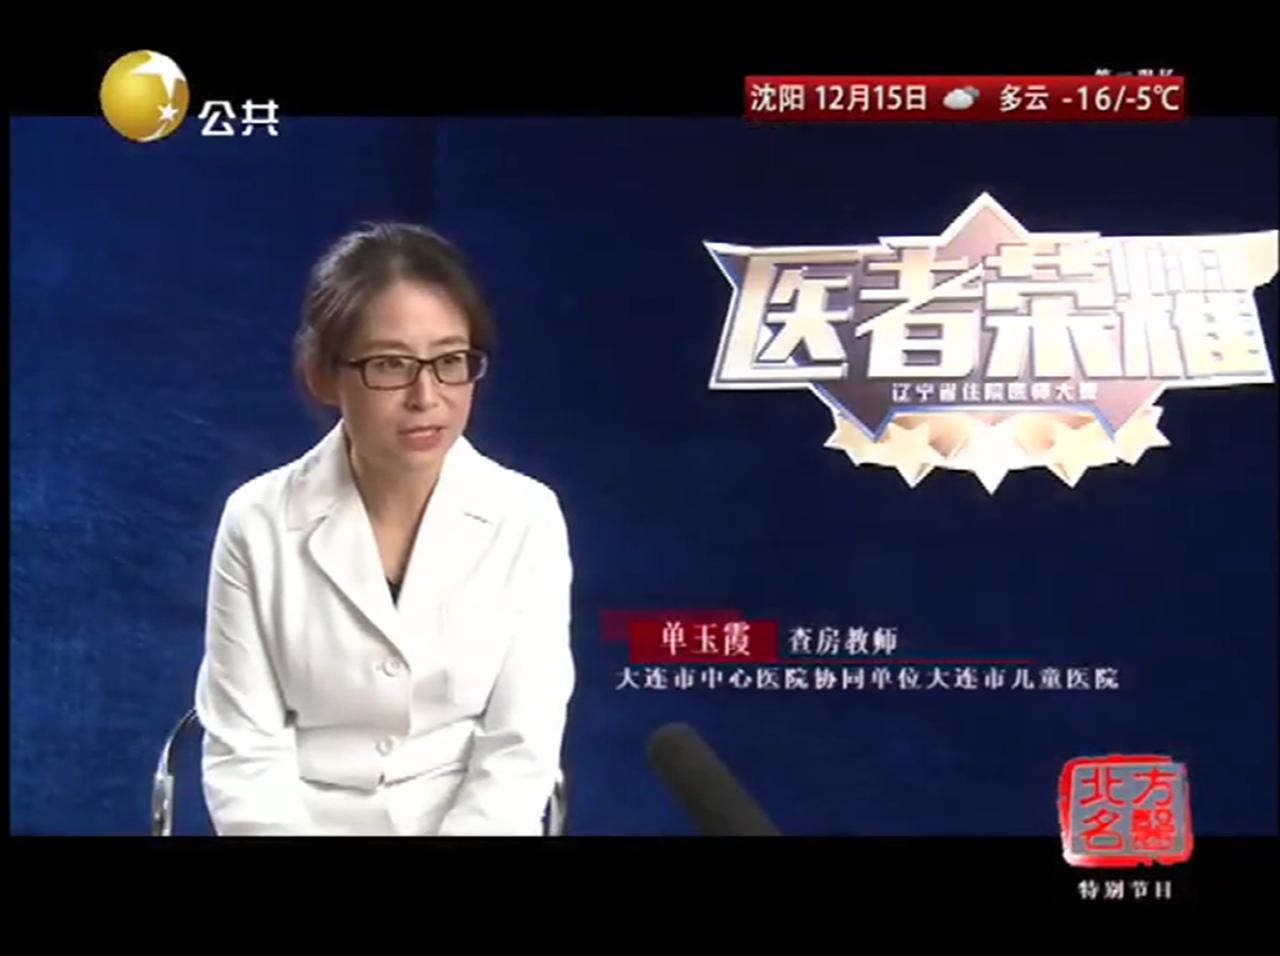 第二届辽宁省住院医师大赛